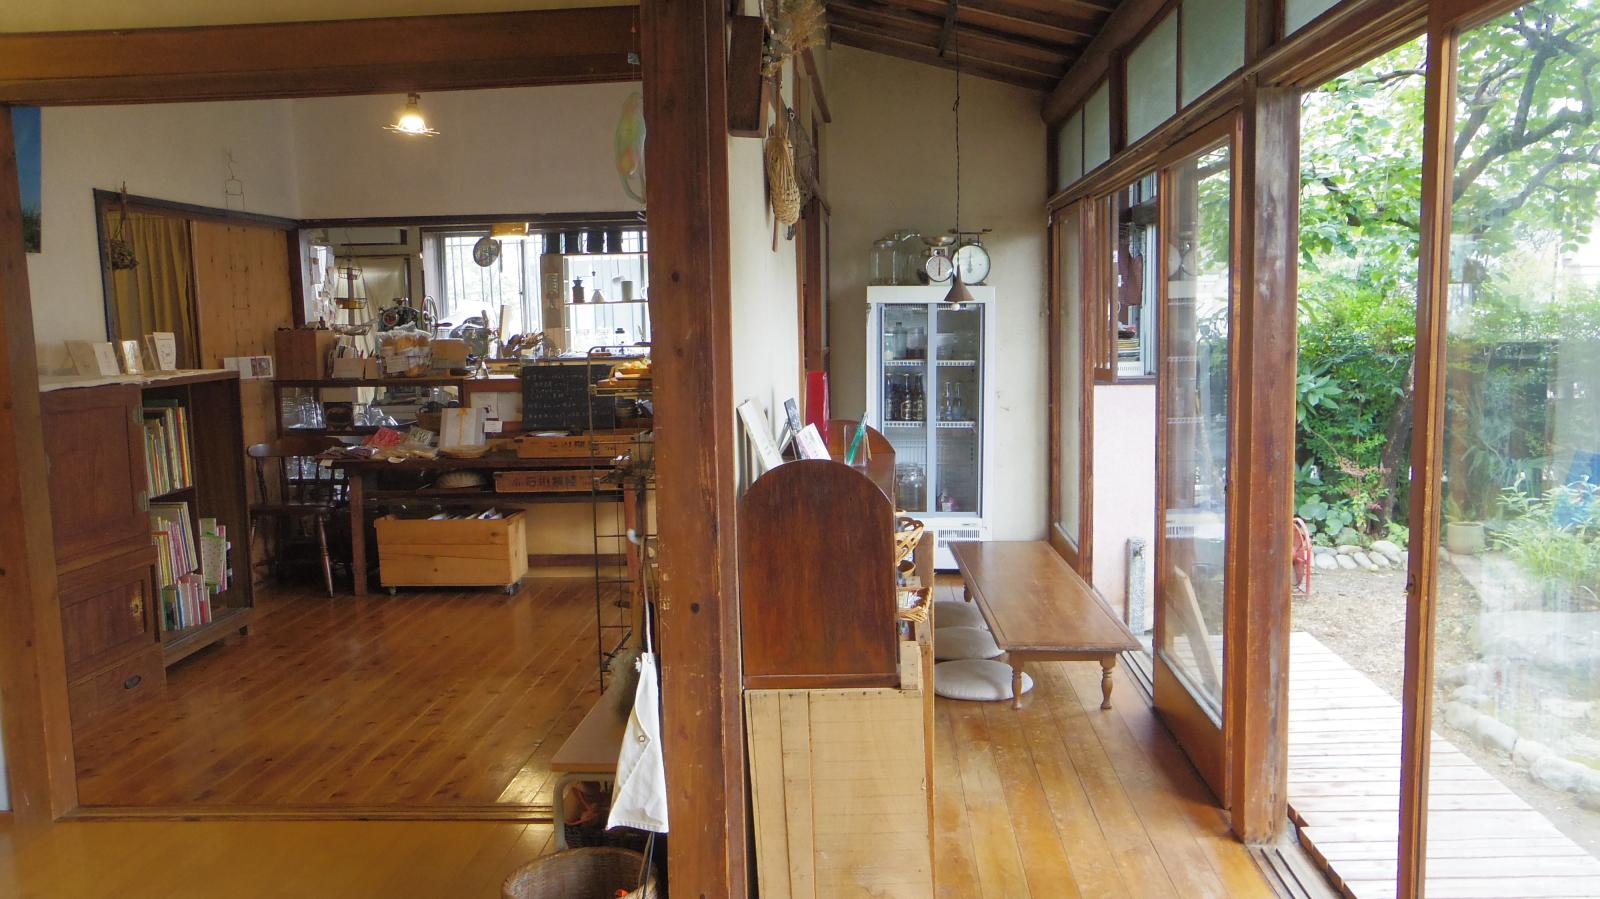 夏はかき氷がよく似合う、風通しの良い古民家のカフェスペースとテラス